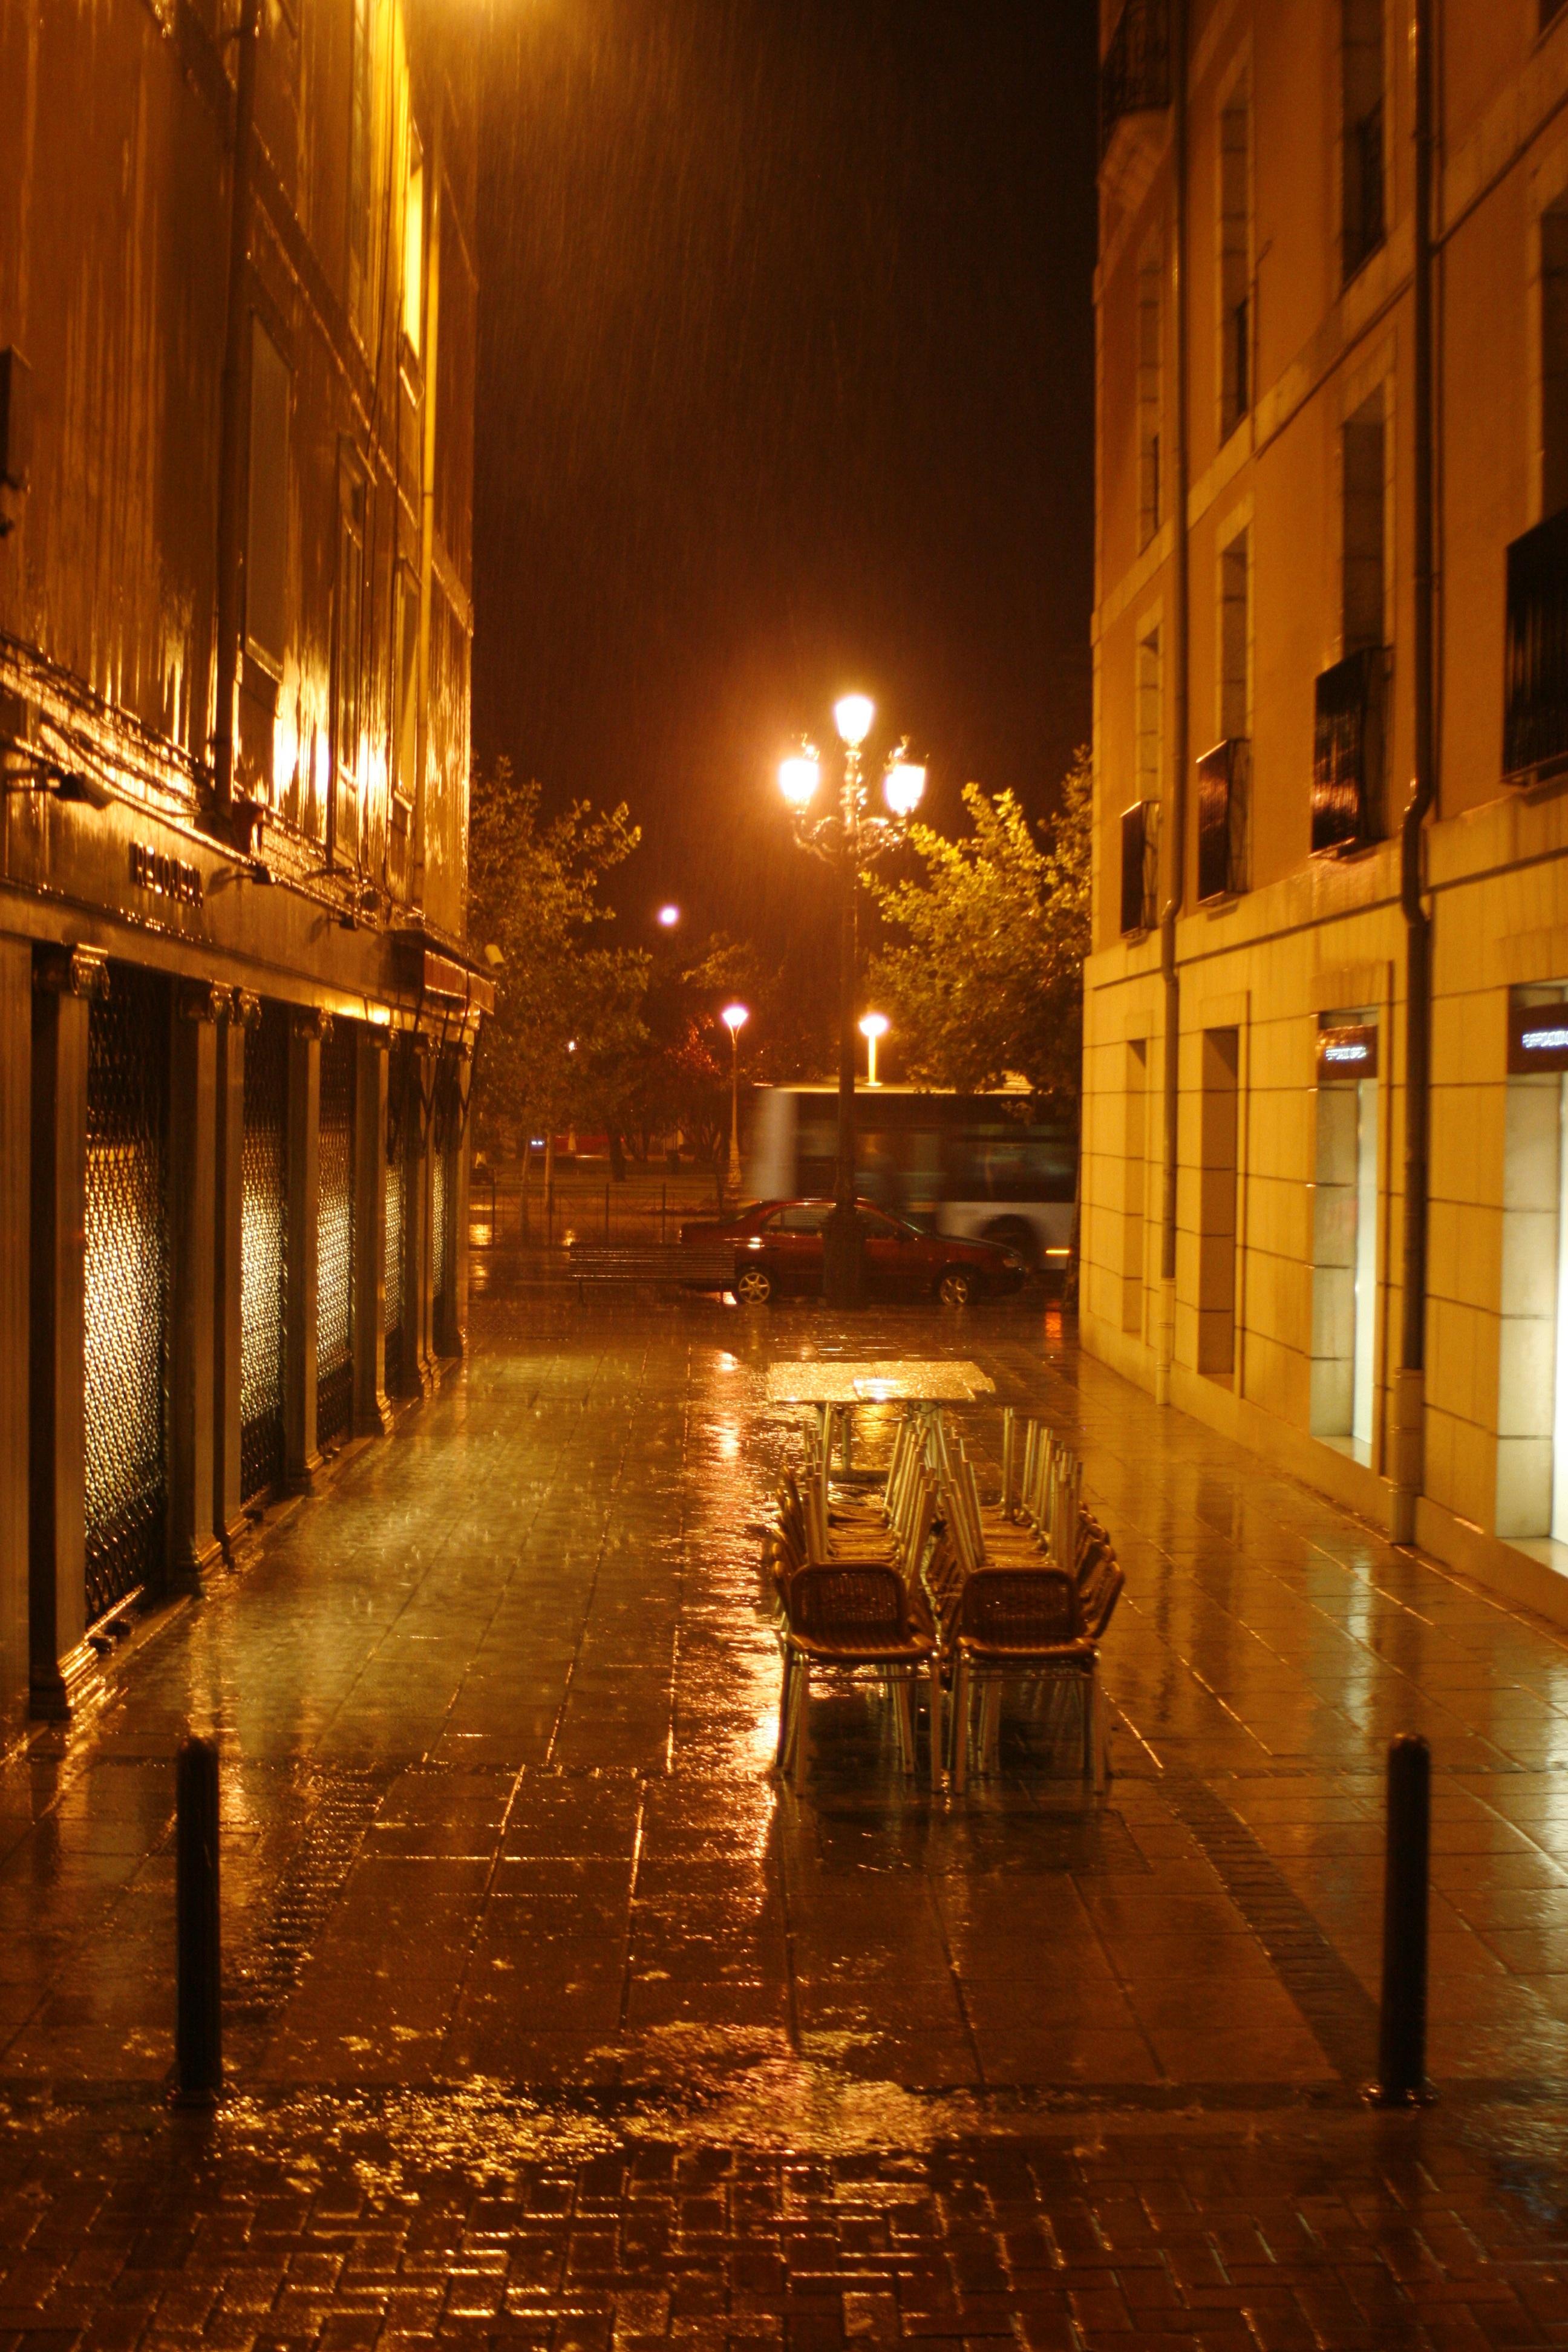 картинки дождливой улицы ночью самое распространенное